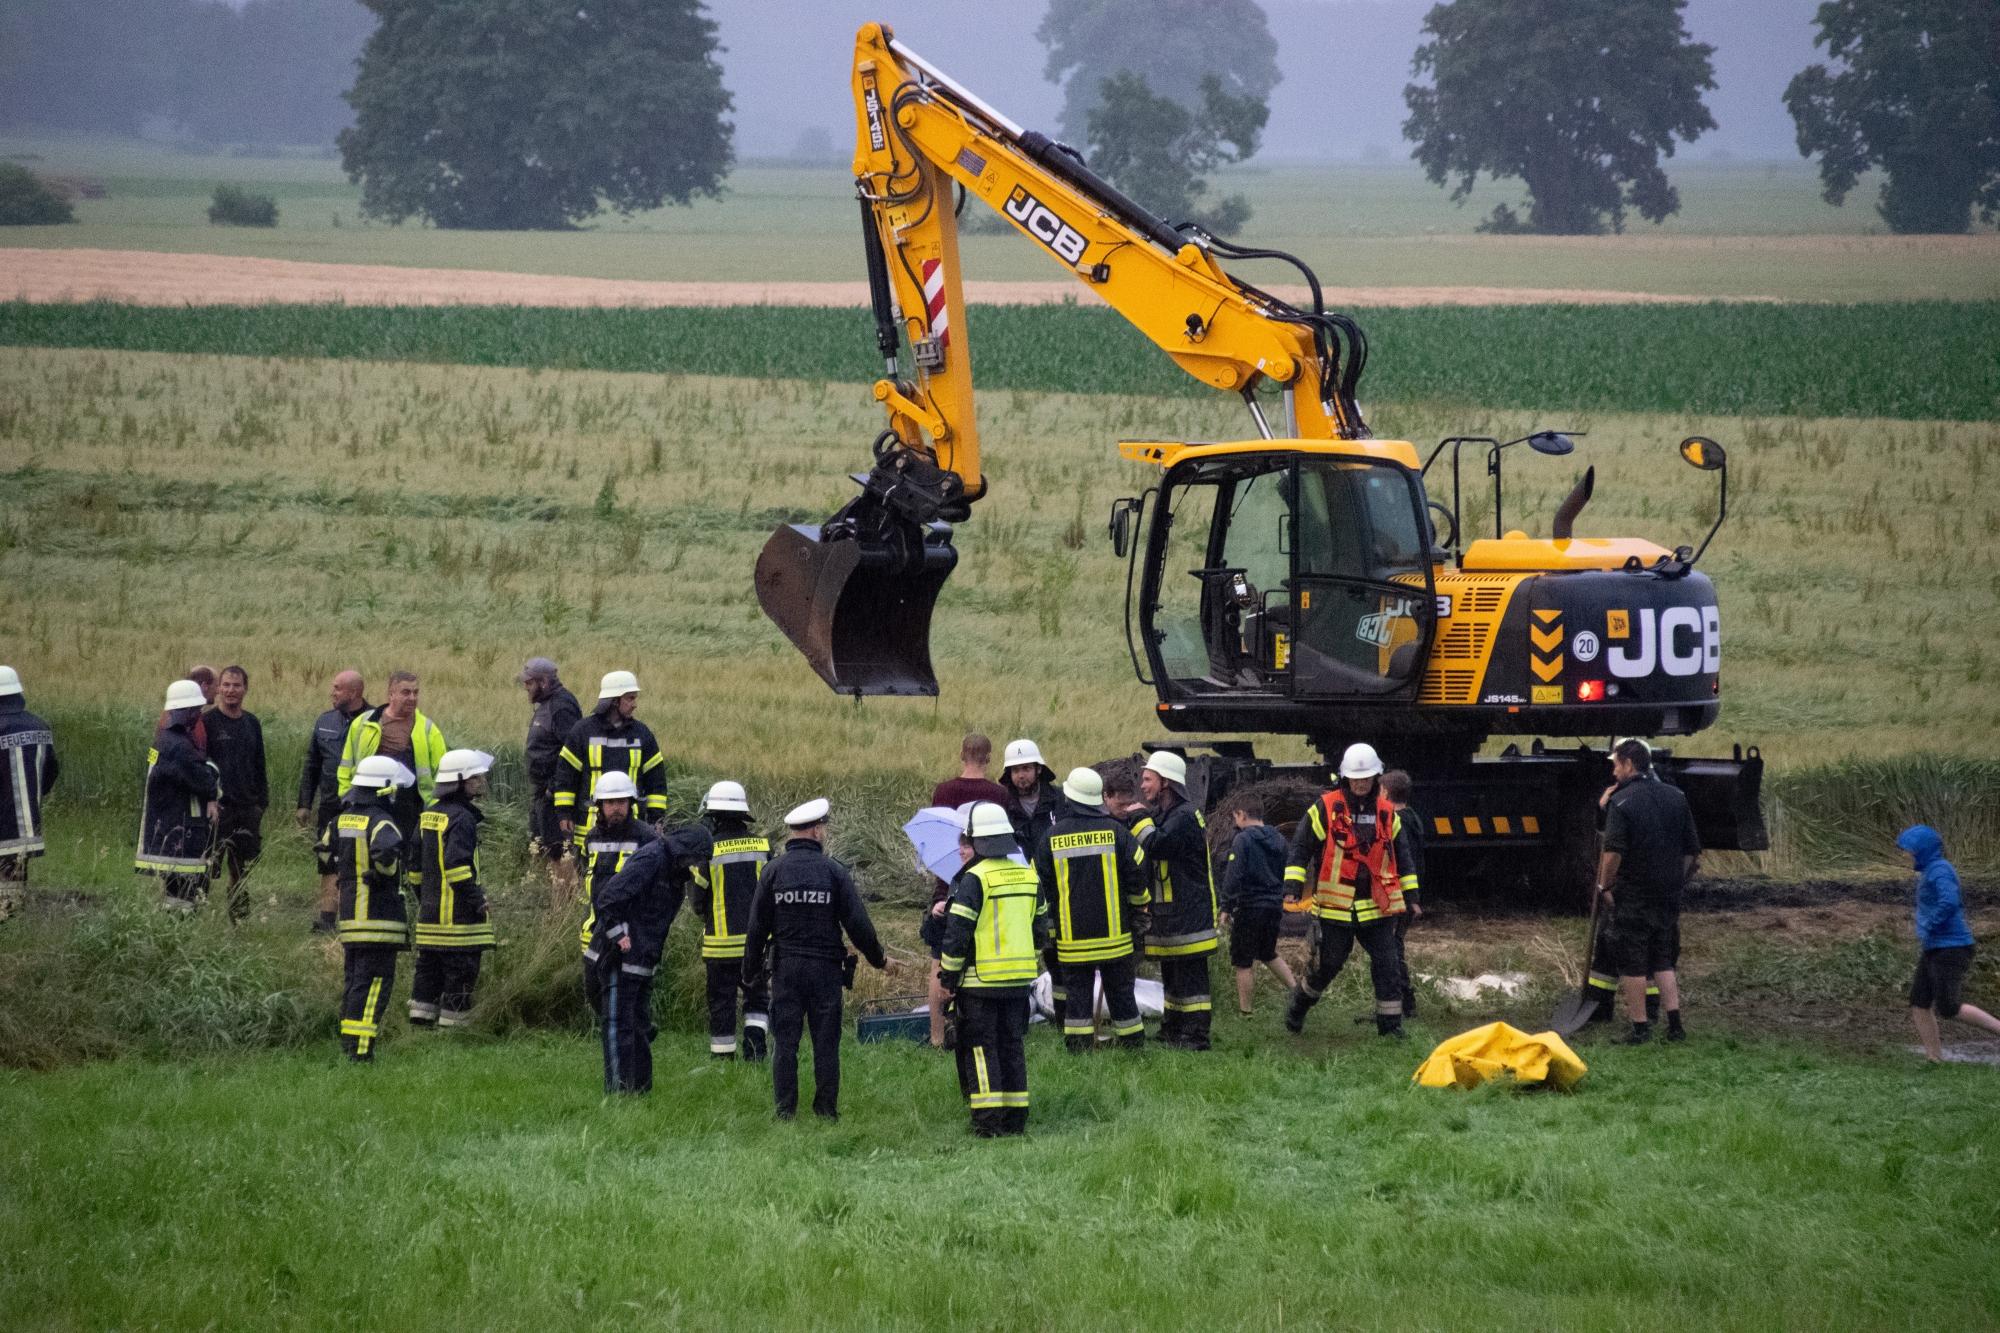 2020-07-02_Osterlauchdorf_Ostallgaeu_Unfall_Gülle-Anhaenger_Feuerwenr_Rizer_200702 Unfall Guellehaenger-5